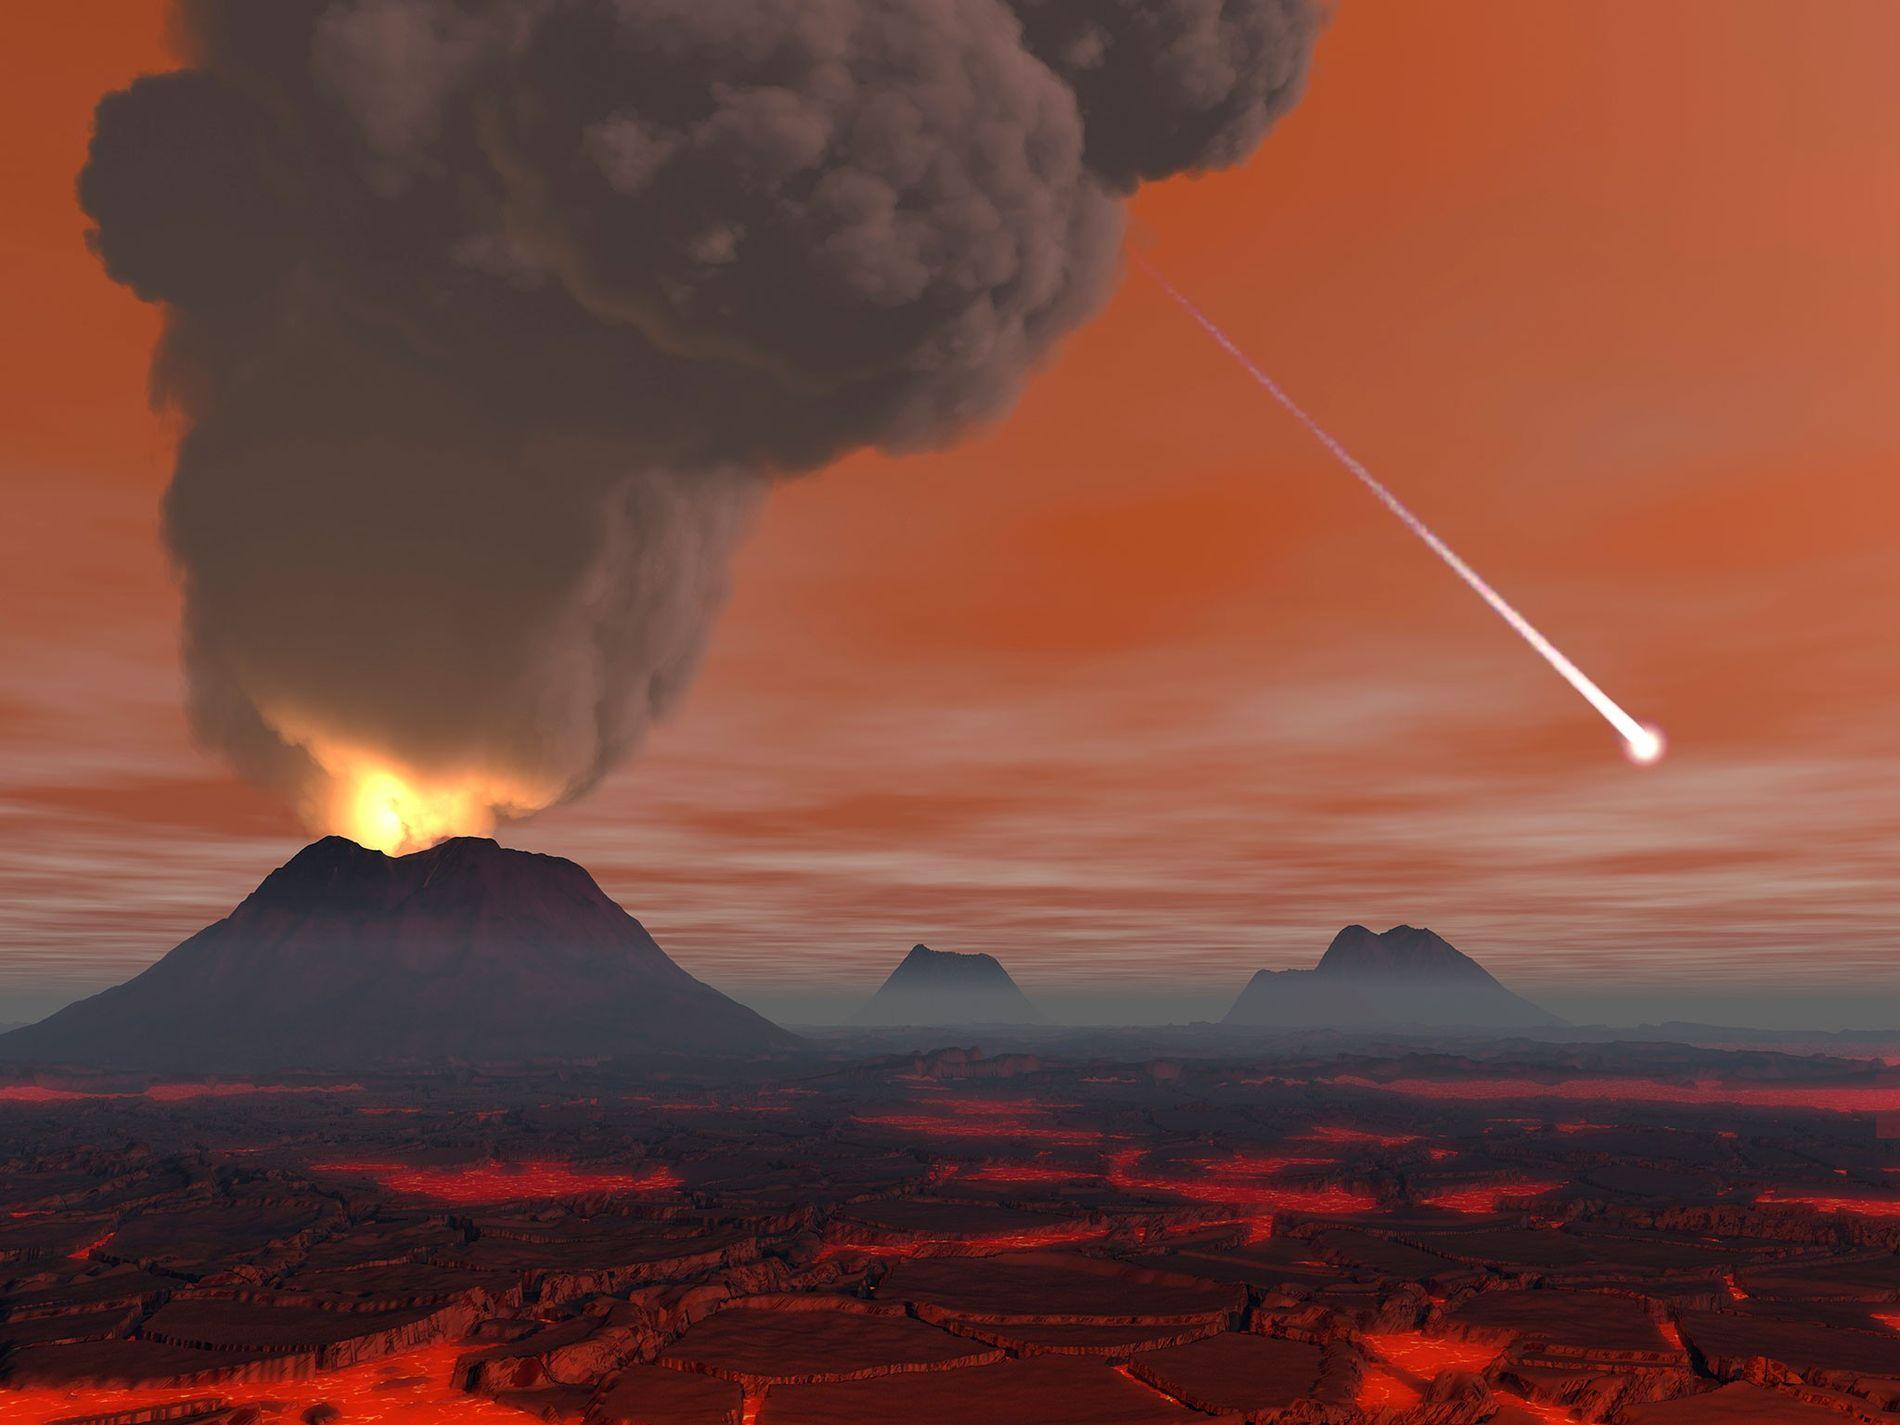 Les scientifiques et les artistes imaginent souvent la Terre primitive comme l'enfer, avec ses volcans et ...